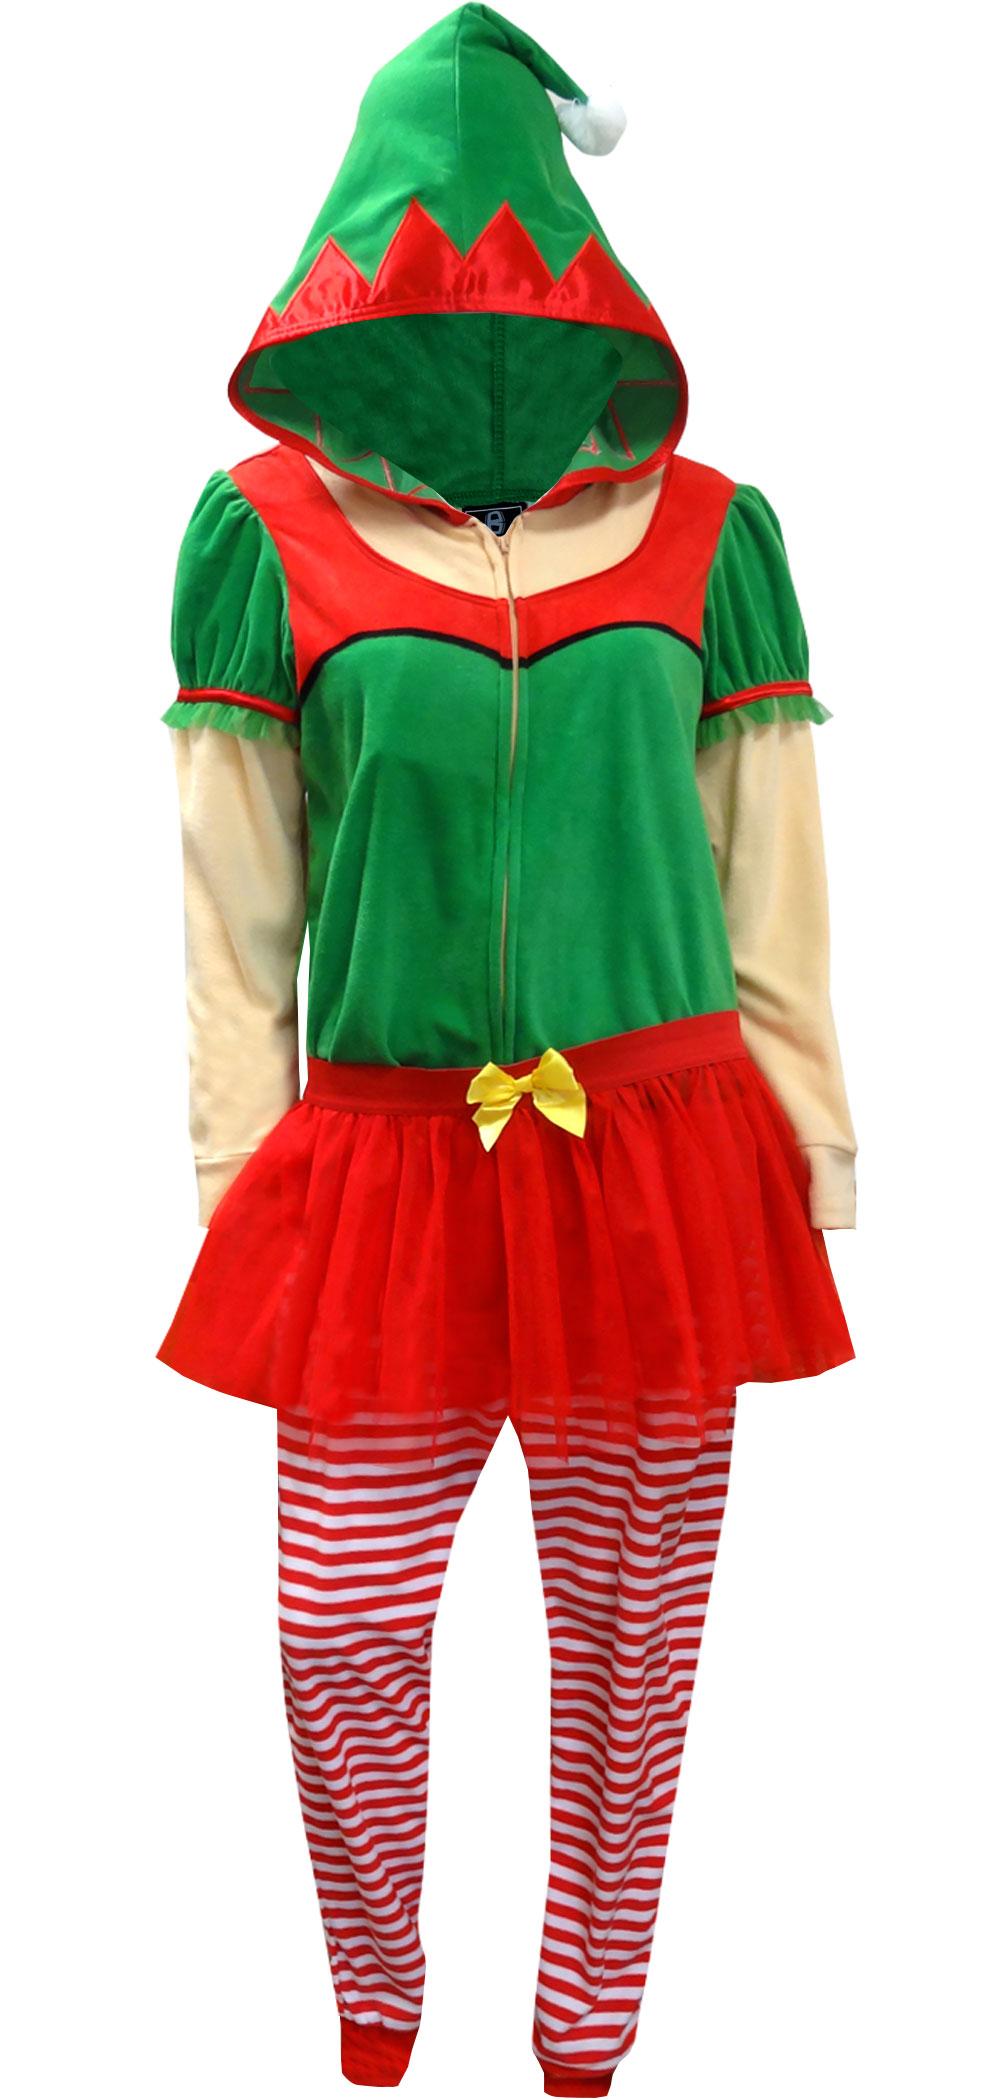 Christmas One Piece Pajamas